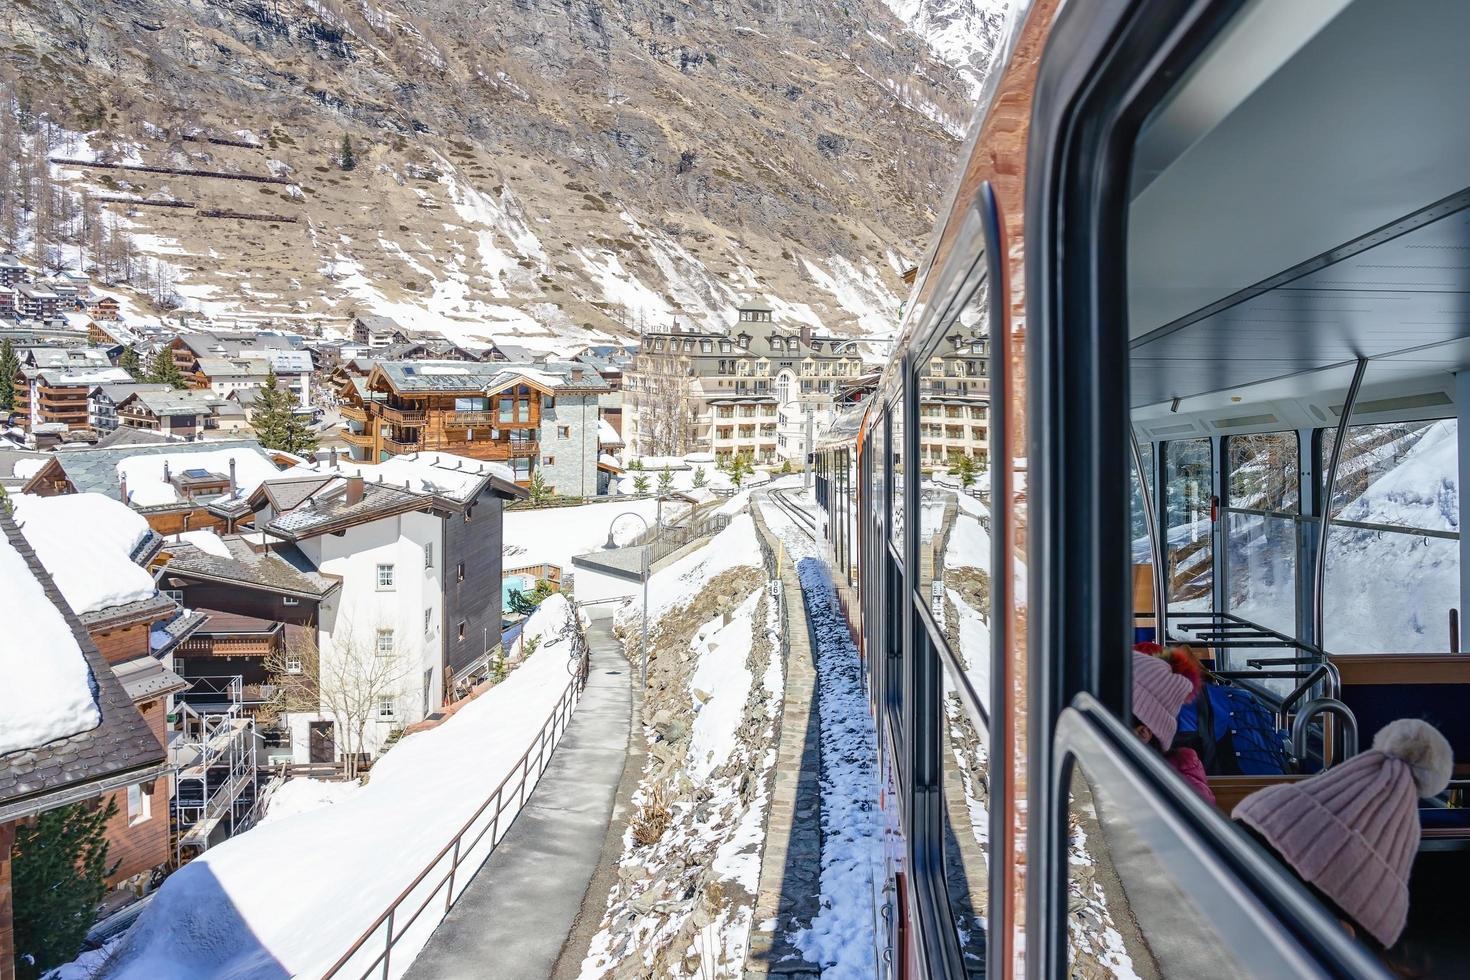 roter zug klettert zur gornergrat station in zermatt, schweiz foto